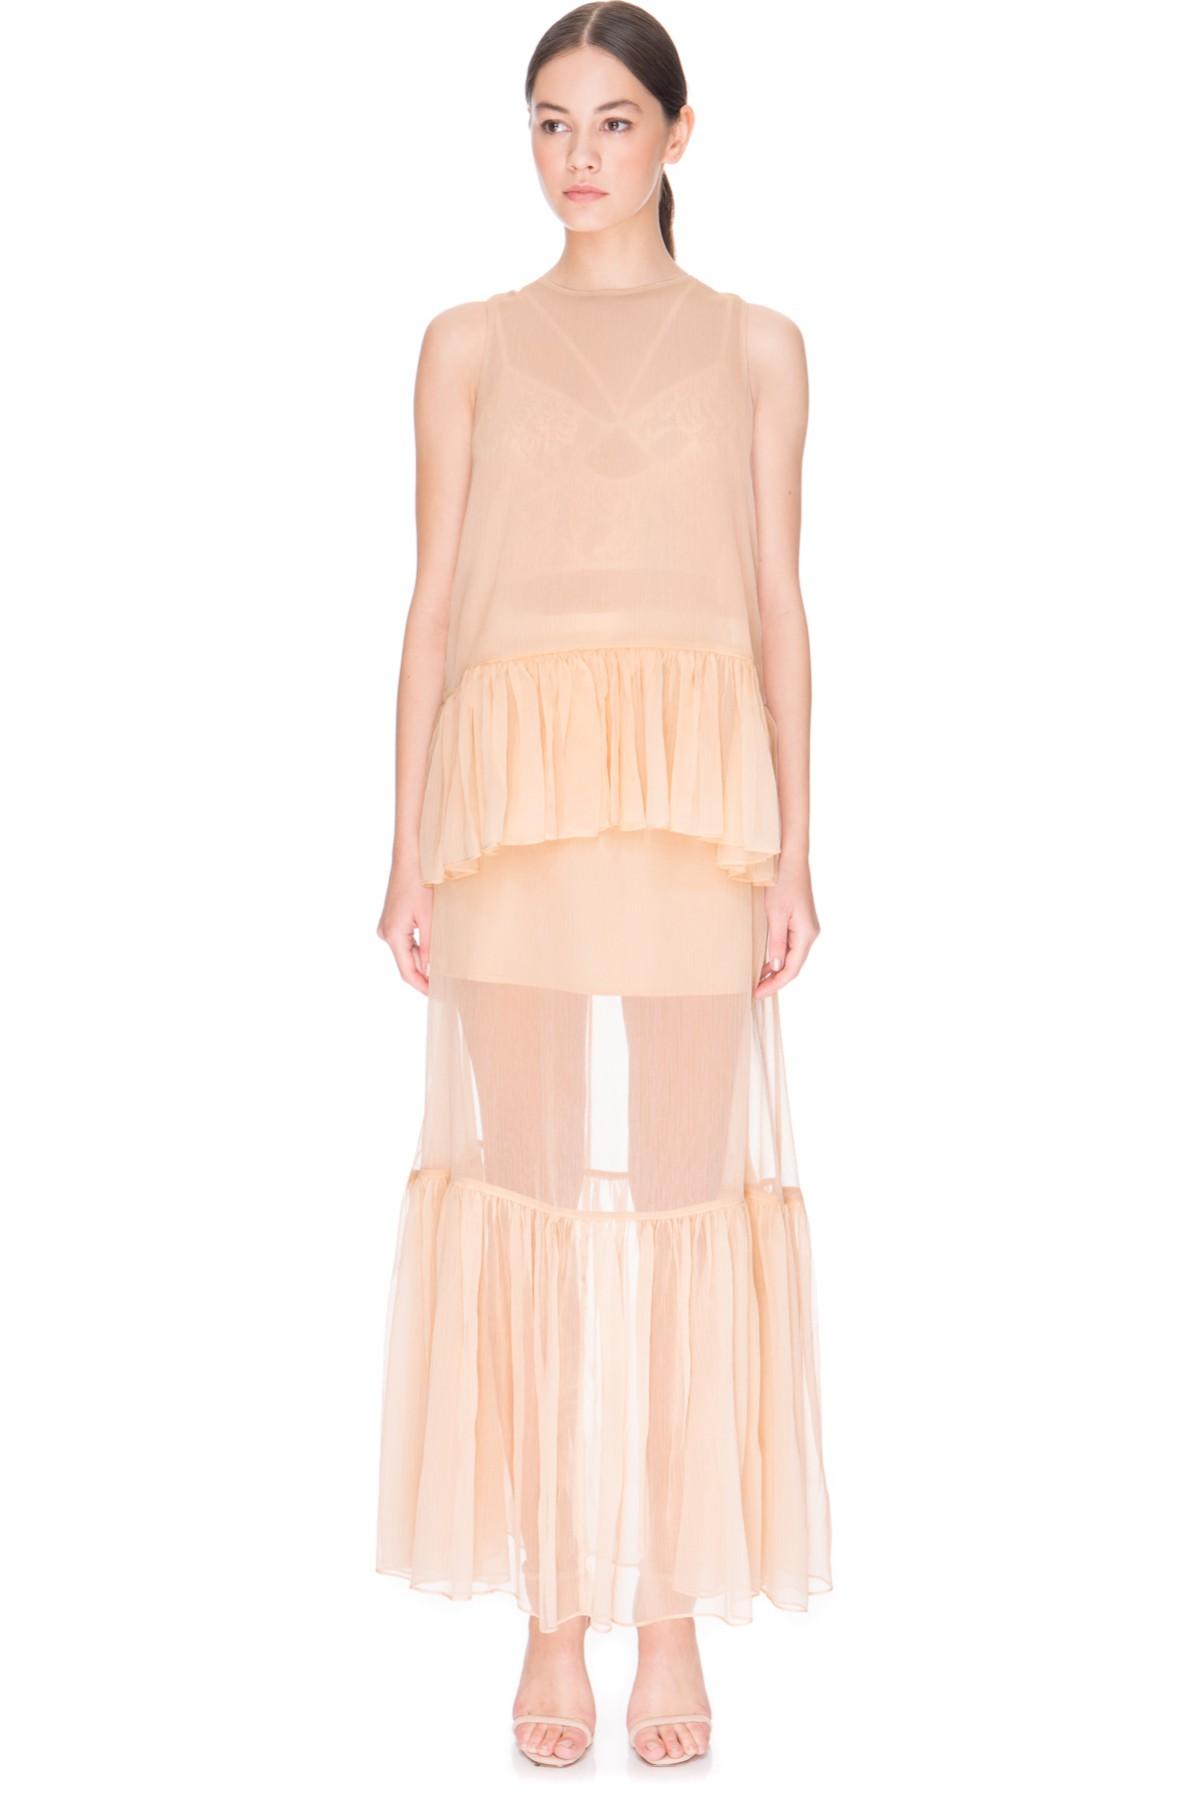 Shop Keepsake All Rise Top + Skirt.